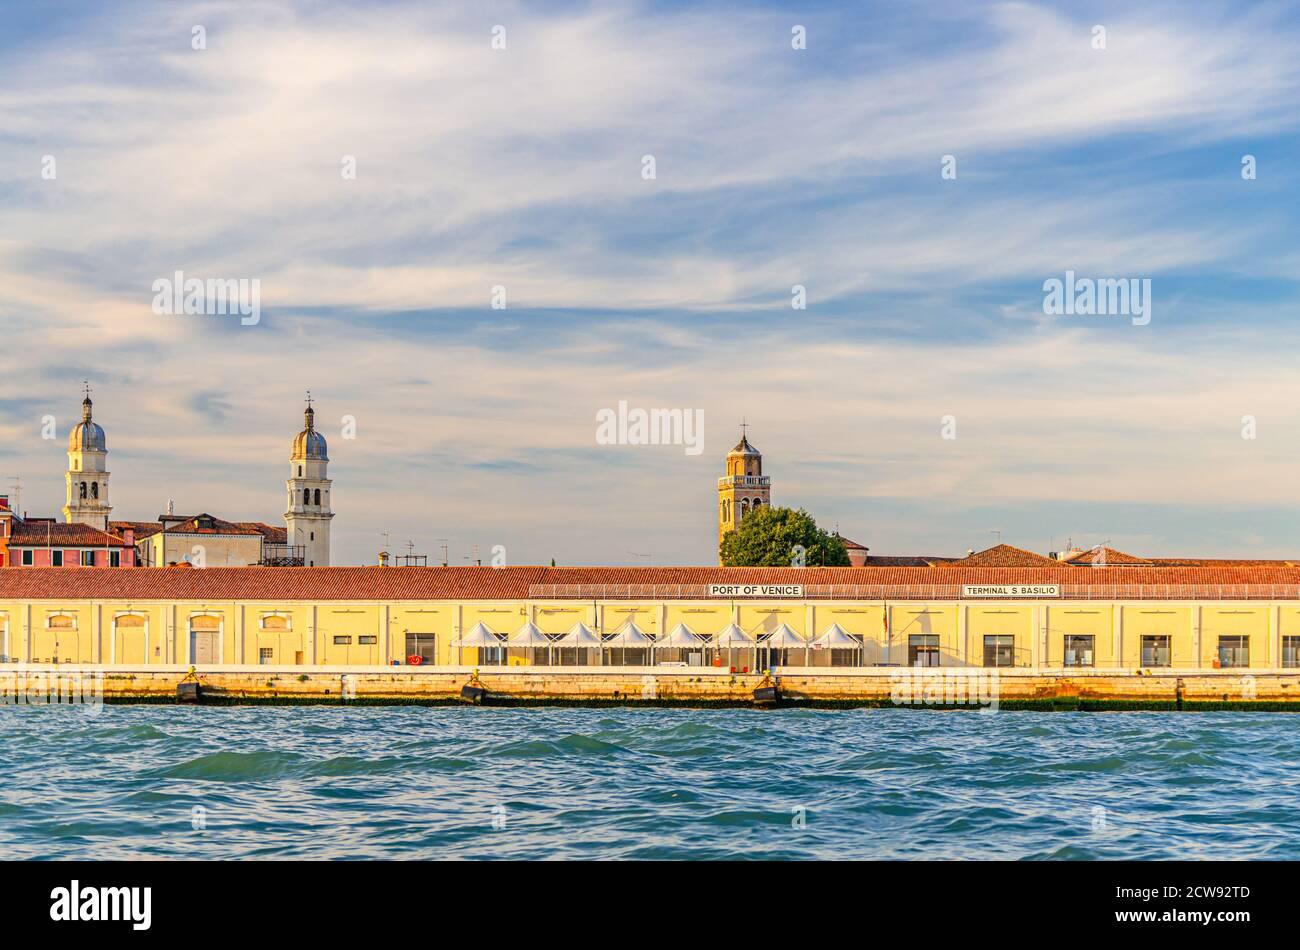 Port de Venise sur le remblai de Fondamenta Zattere dans le centre historique de la ville Dorsoduro sestiere, vue de l'eau du canal Giudecca, région de Vénétie, Italie Banque D'Images